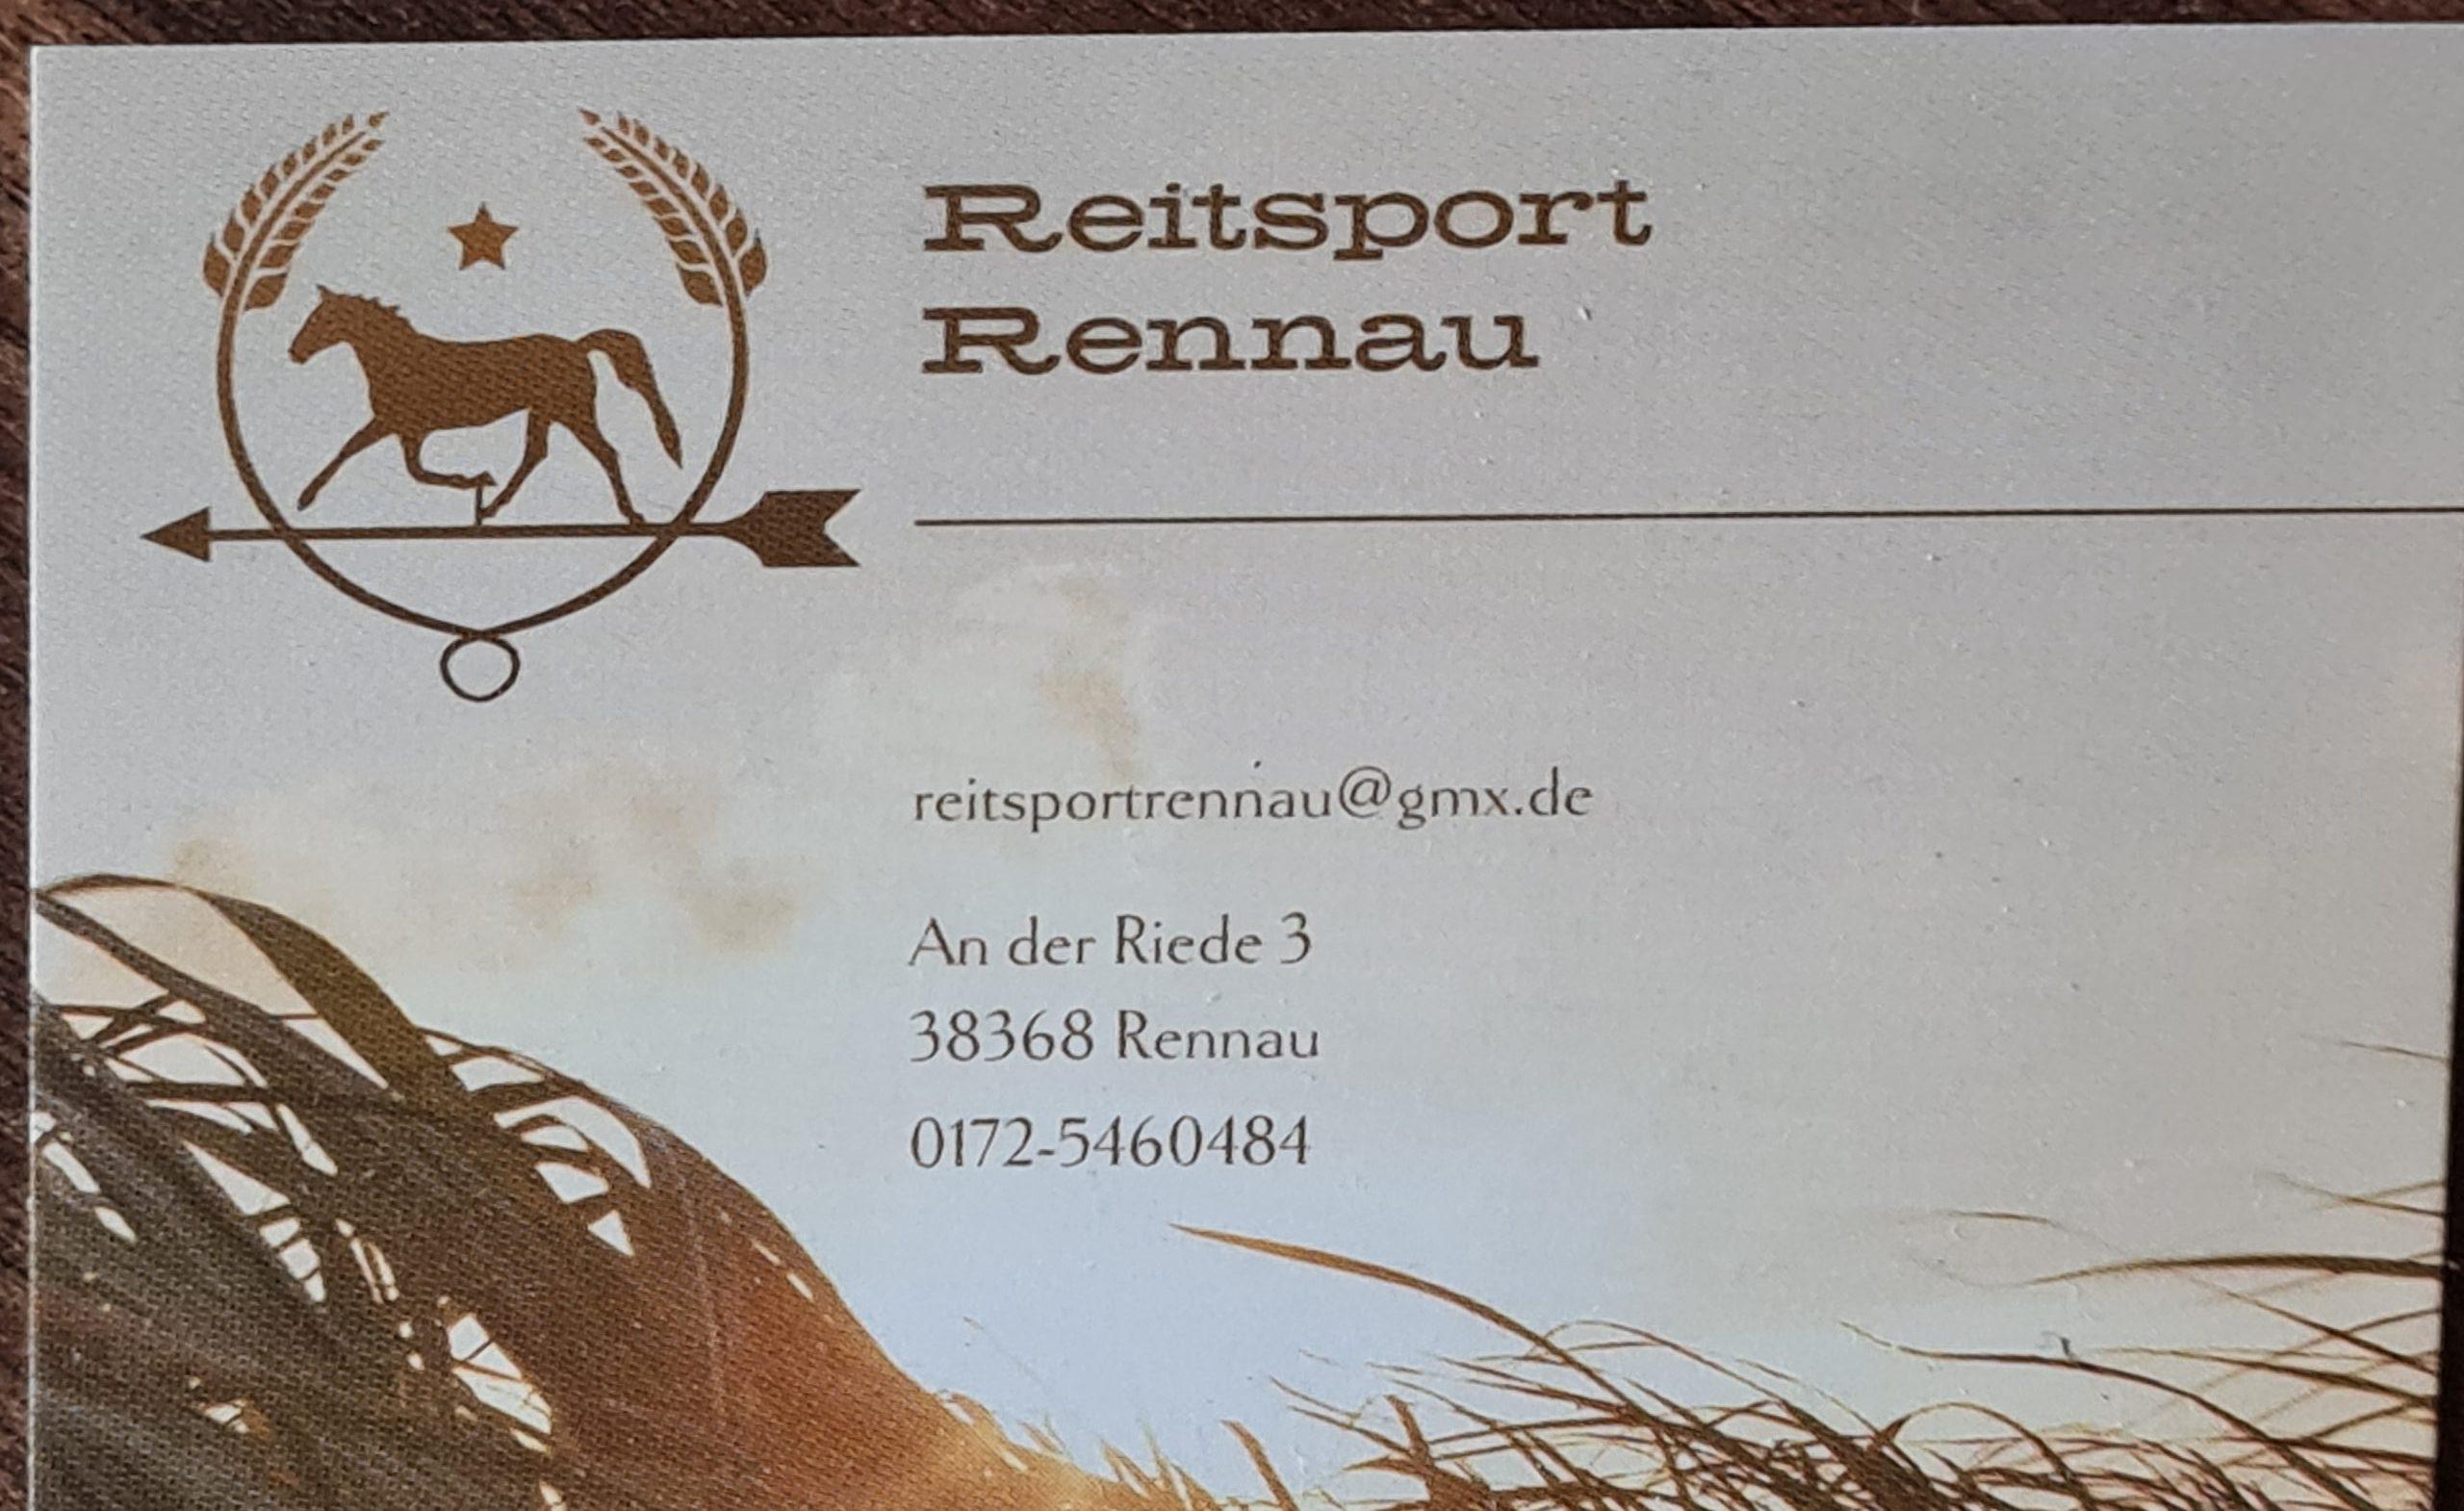 Reitsport Rennau